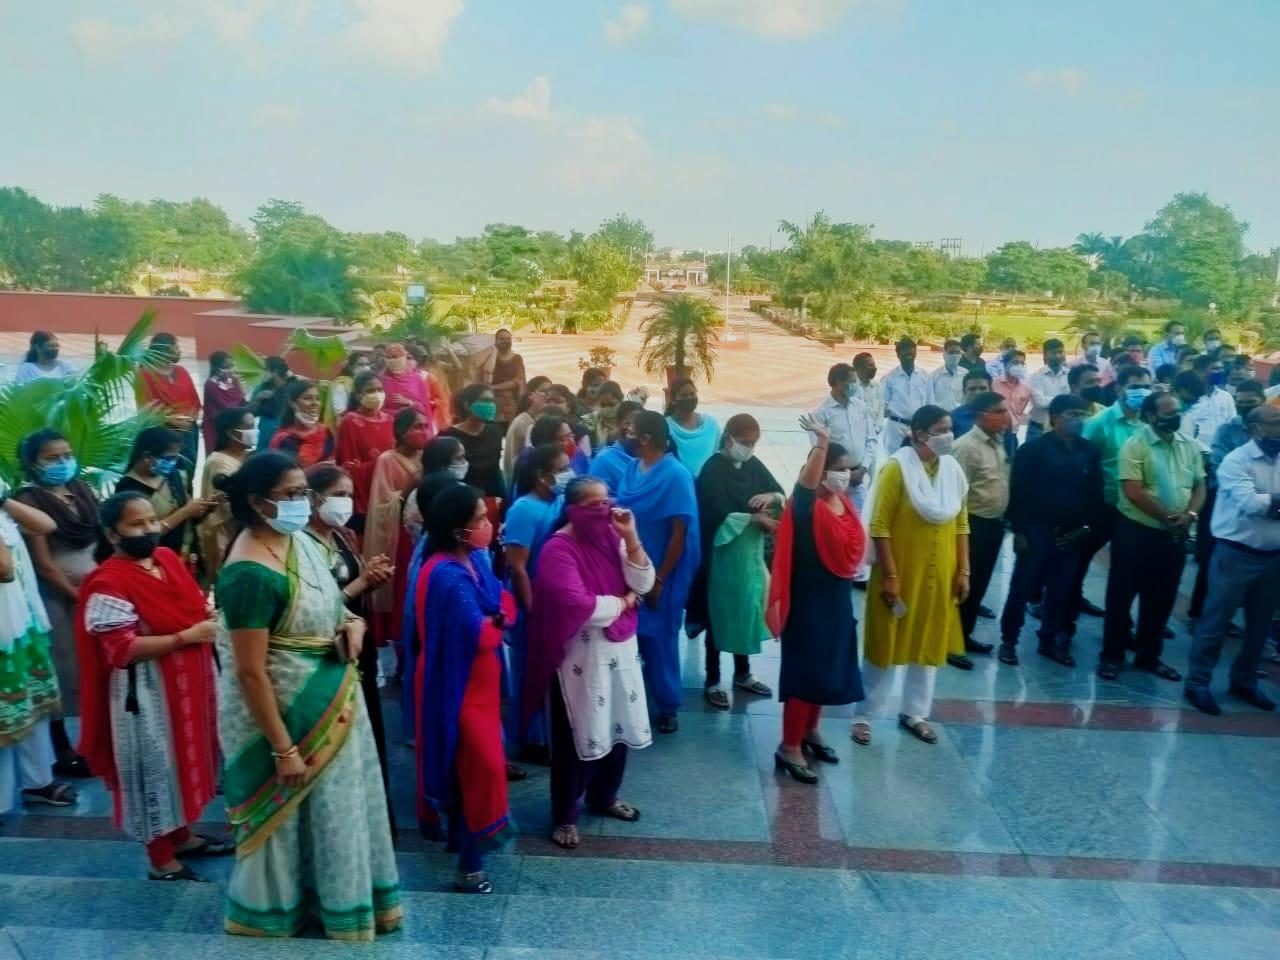 संघ की आम सभा में बड़ी संख्या में महिला सदस्यों ने भी हिस्सा लिया था।